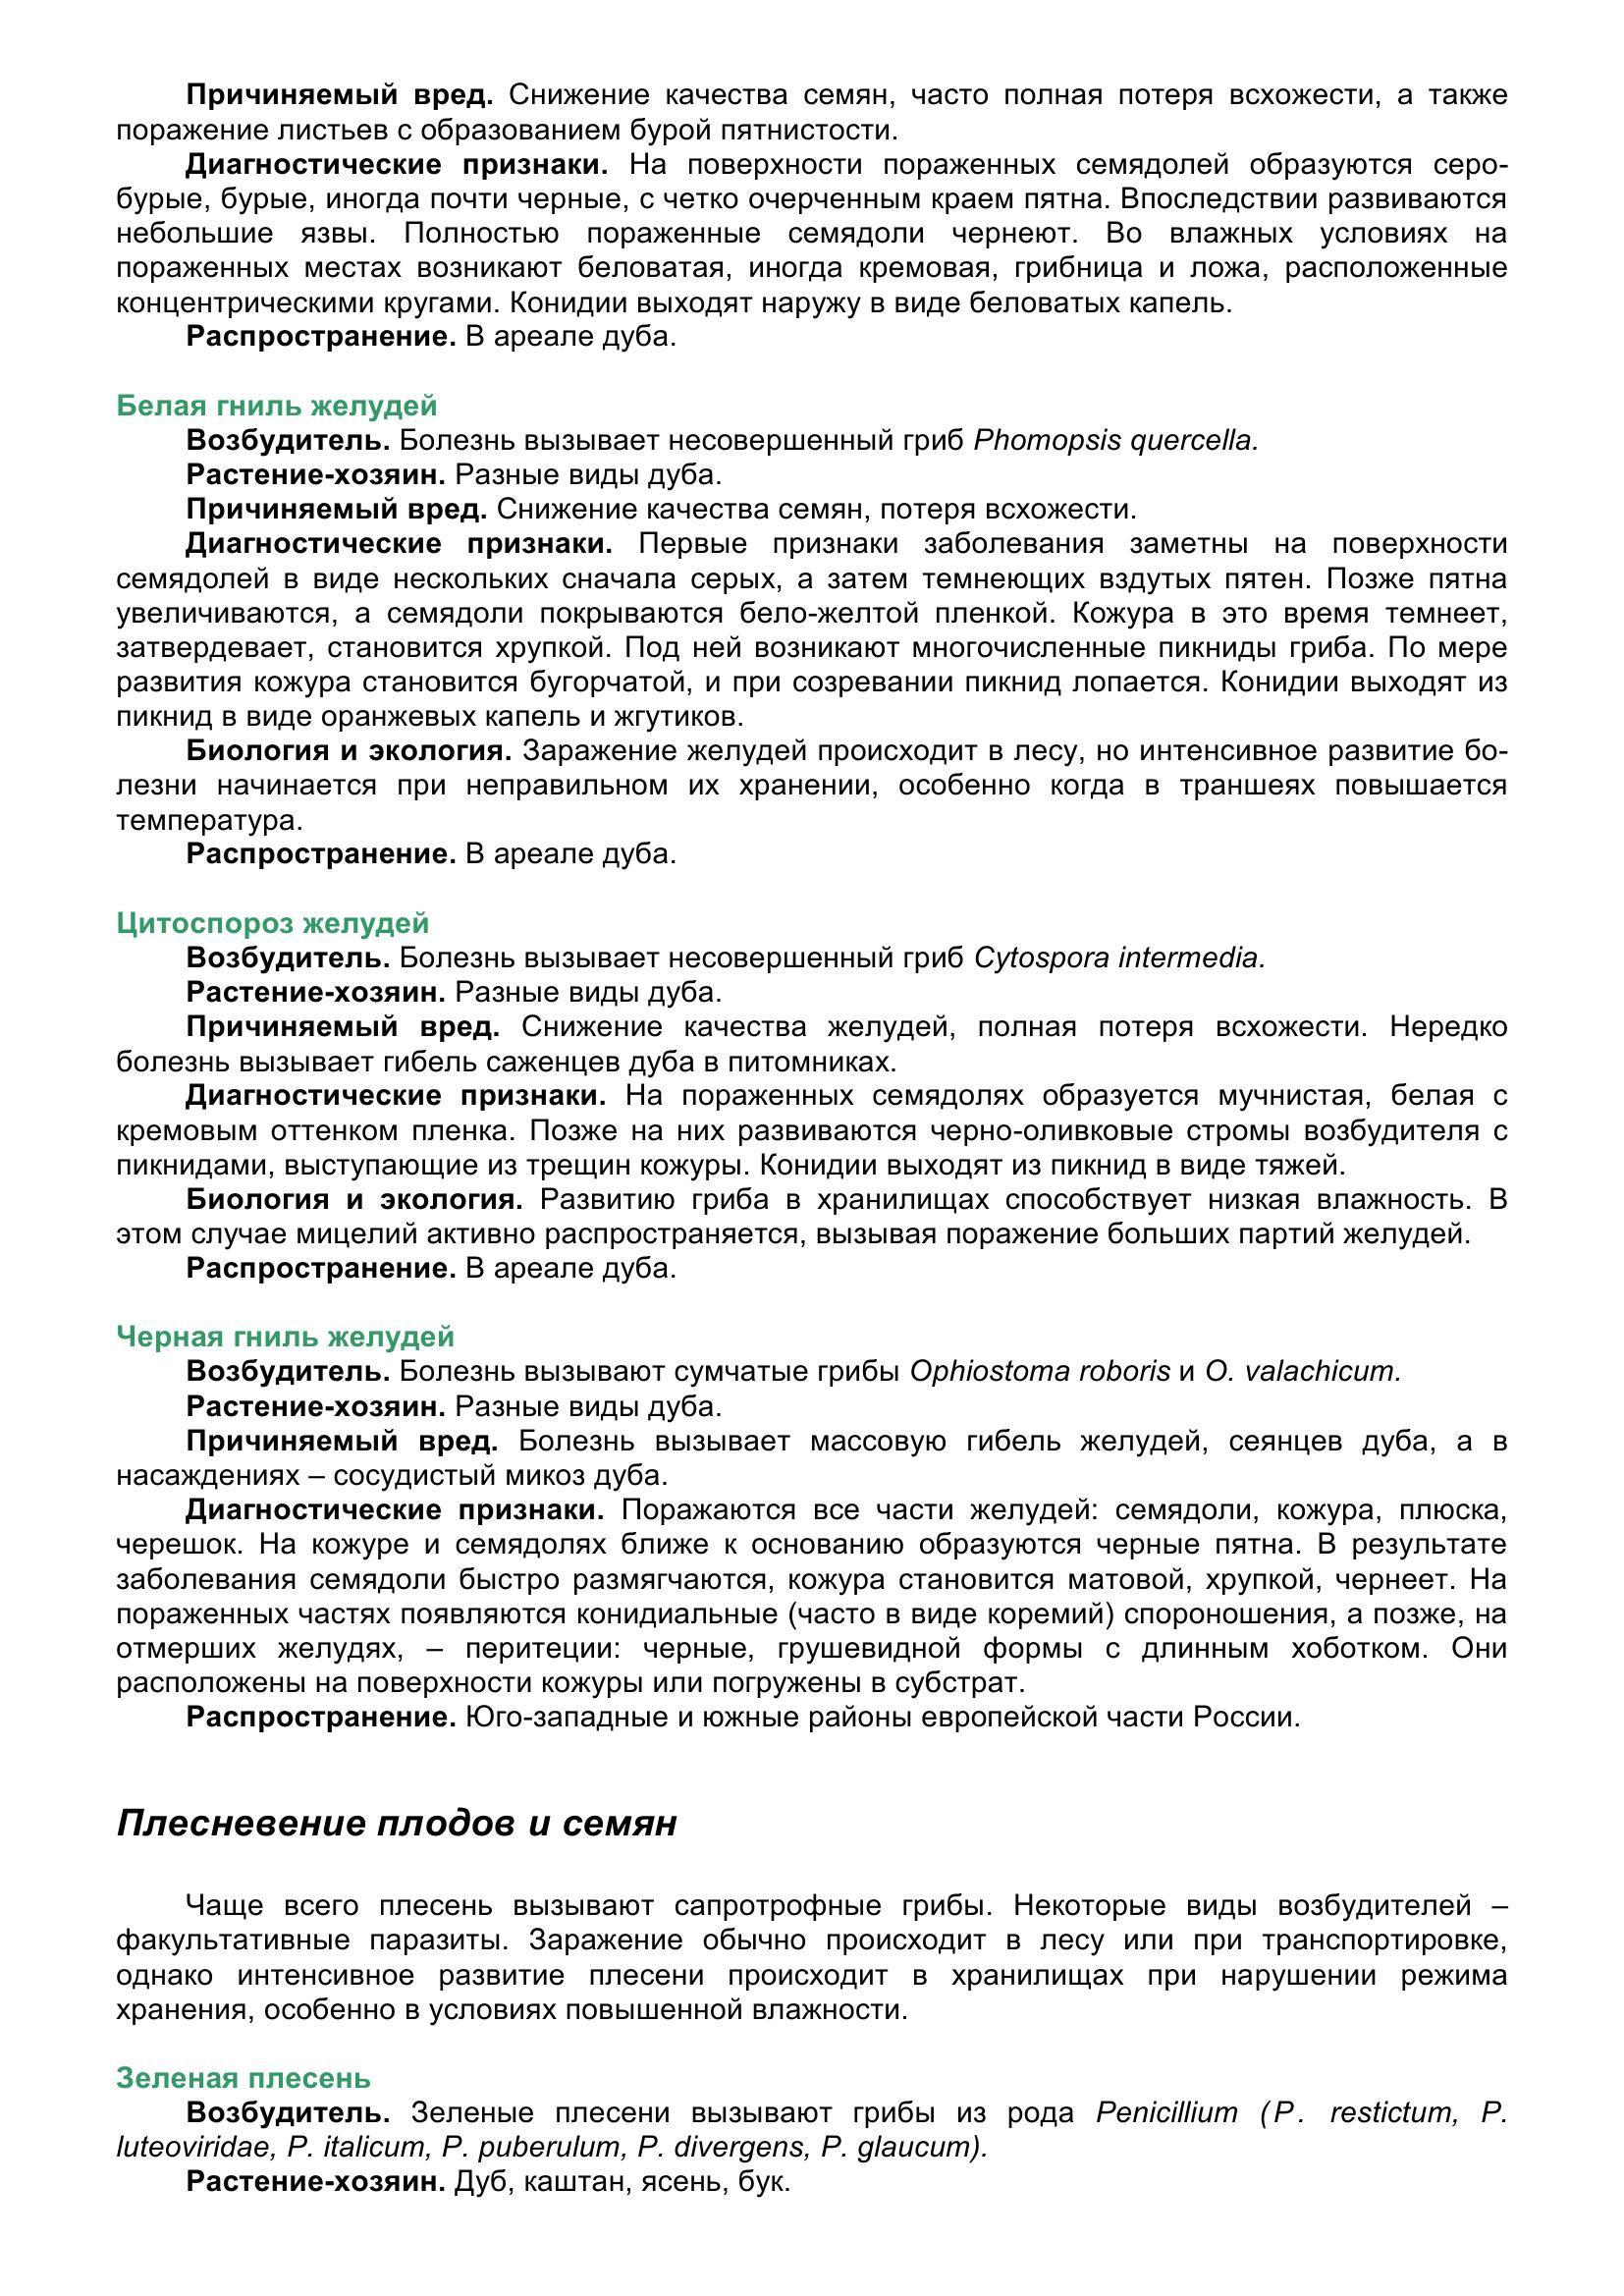 Болезни_древесных_растений_034.jpg